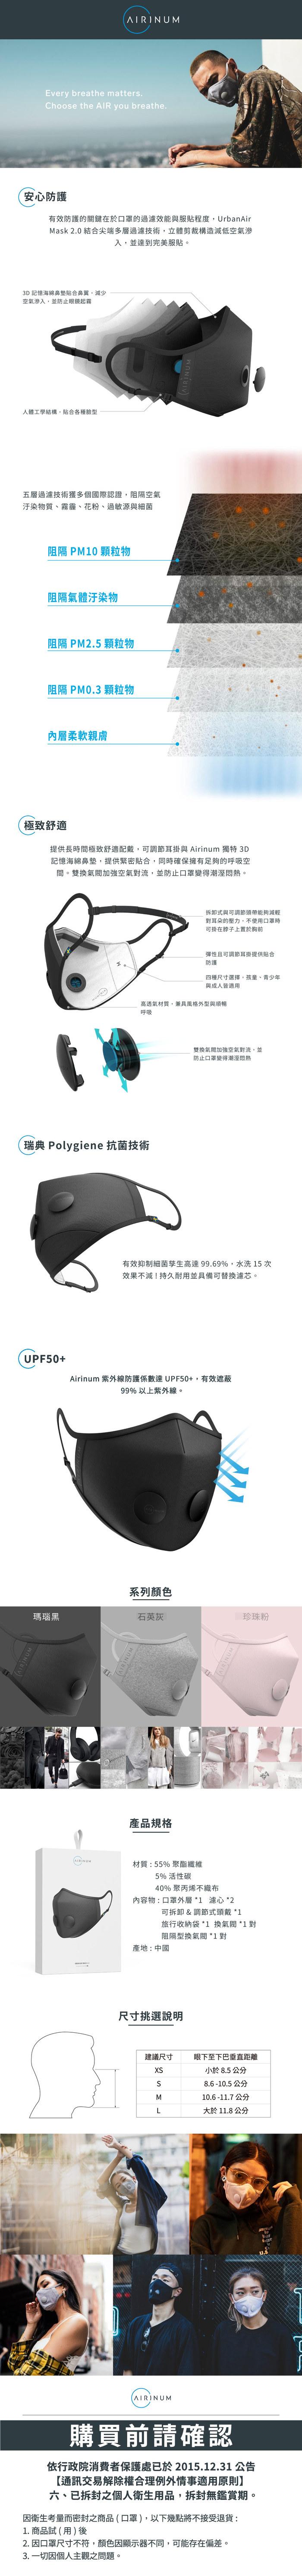 Airinum|Airinum Urban Air Mask 2.0 口罩(瑪瑙黑)